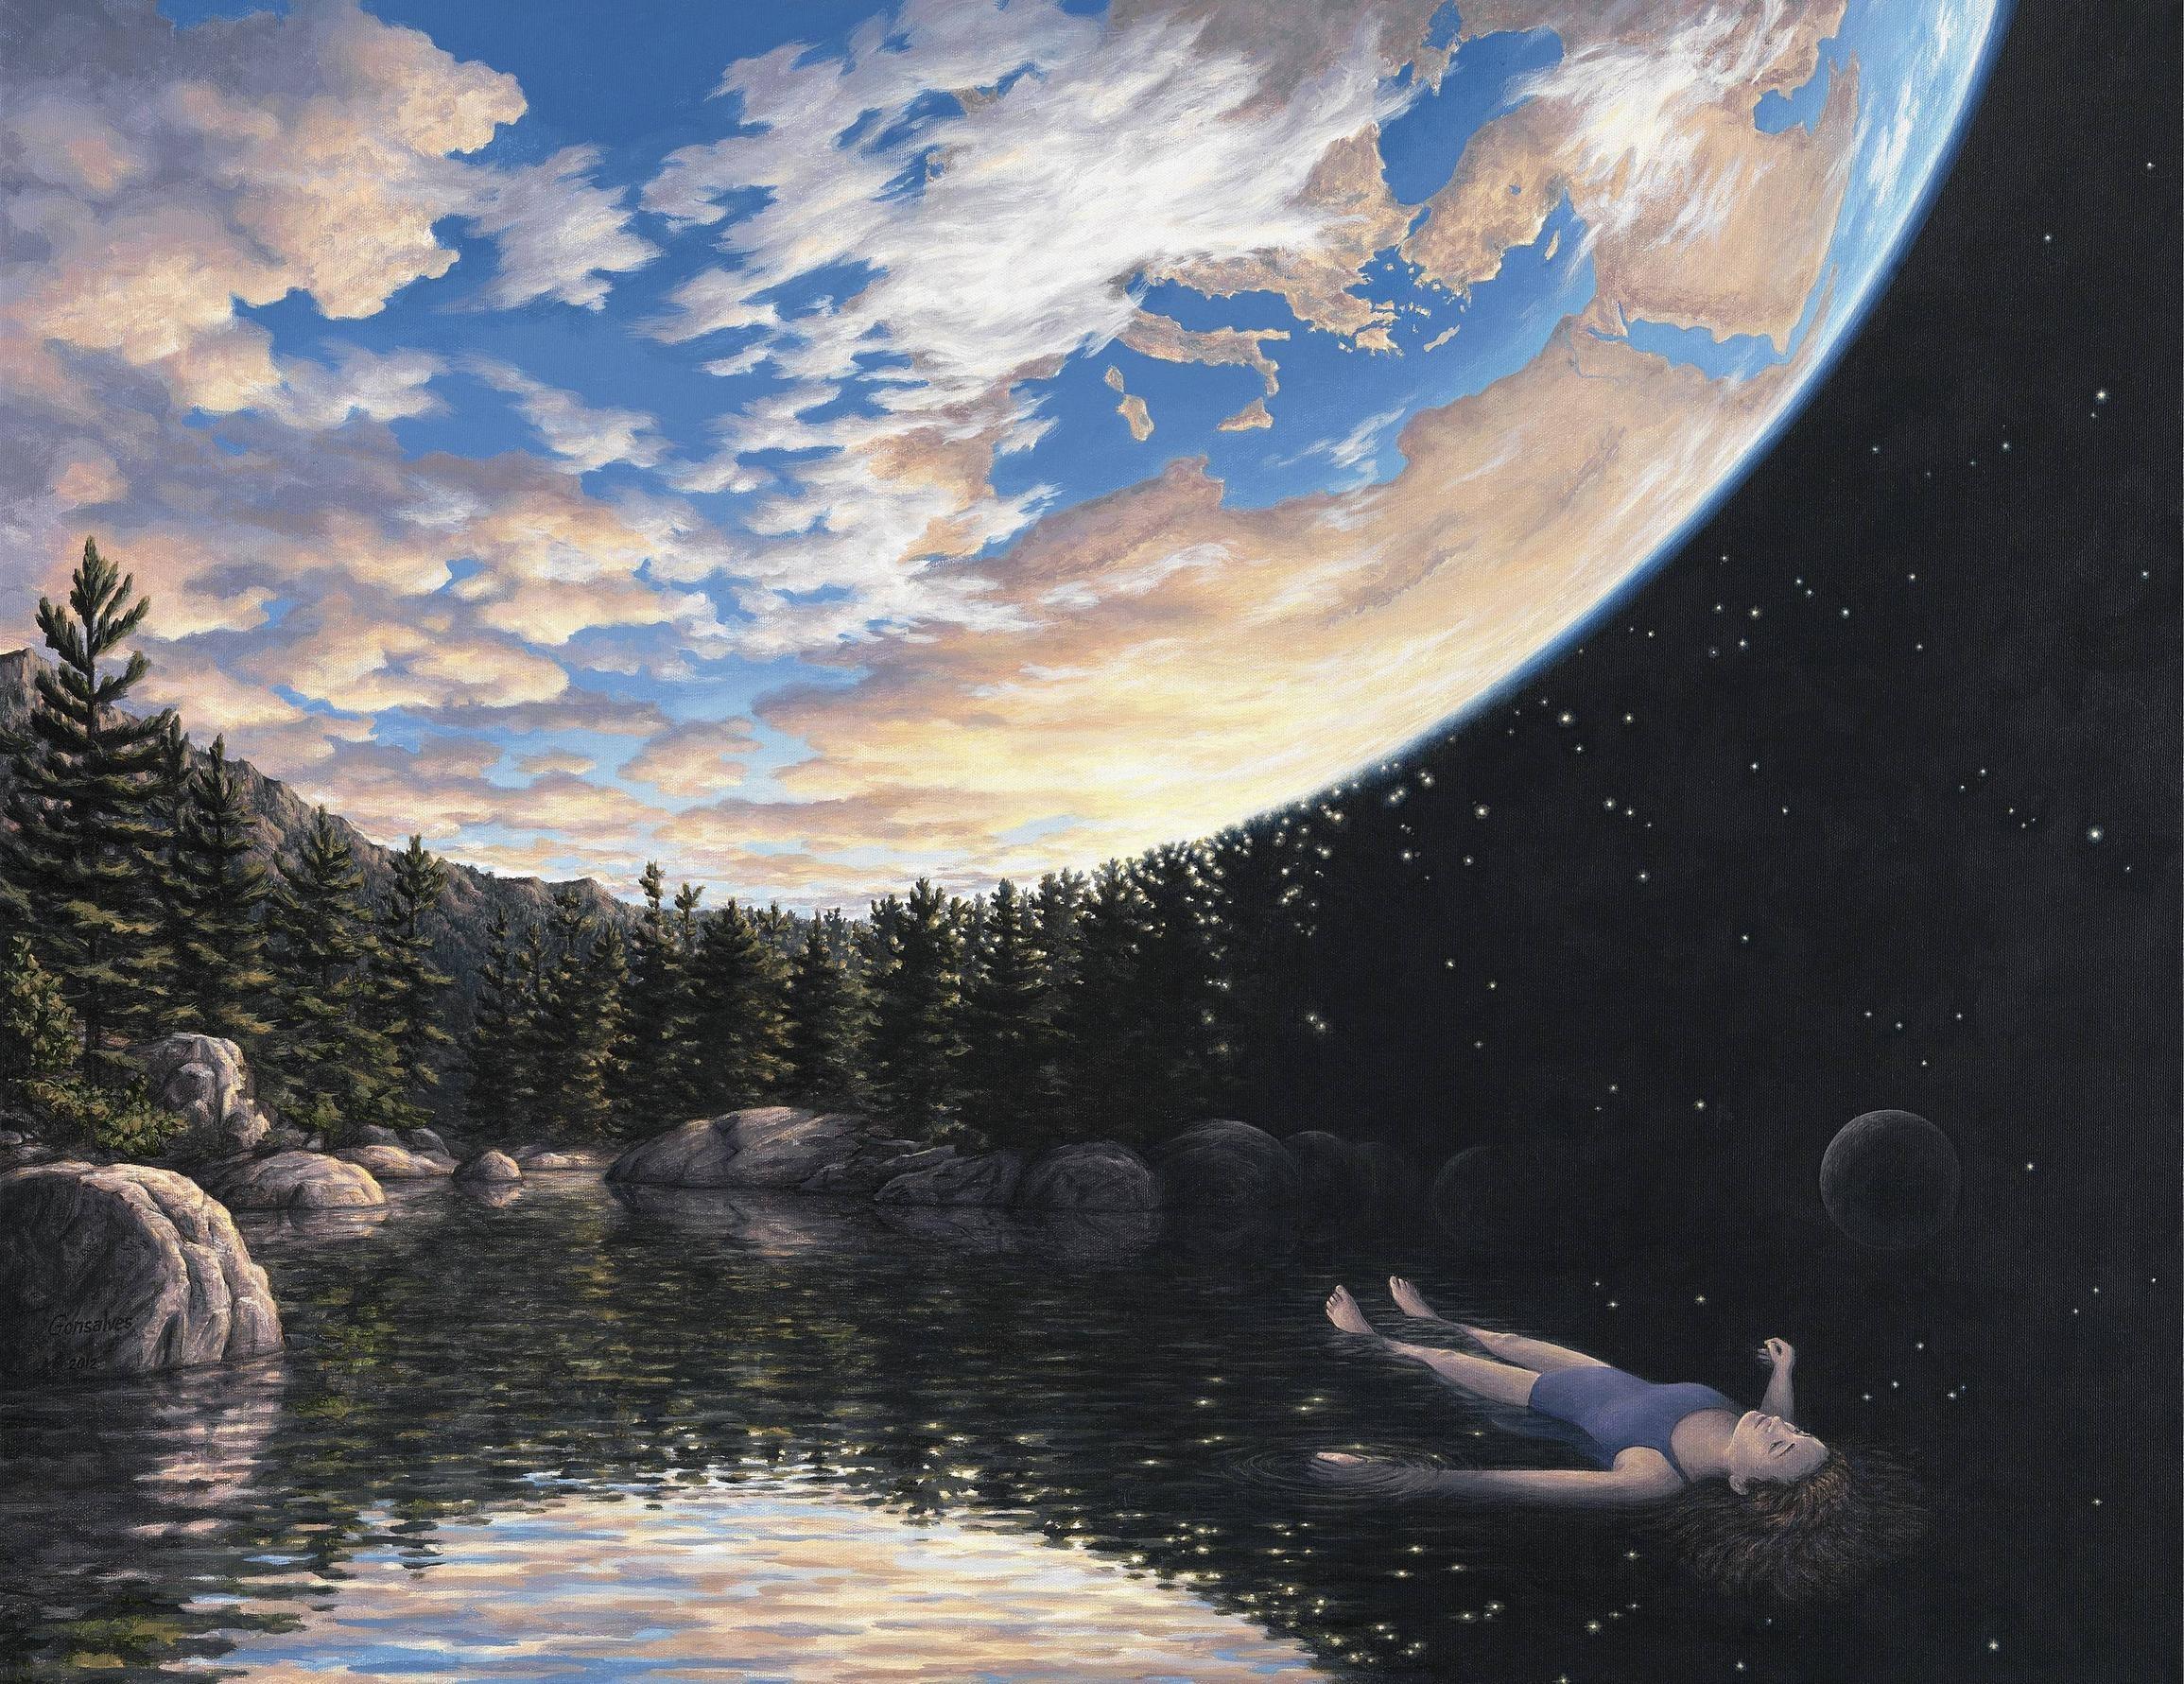 не реальные картинки про мир все земные прегрешения